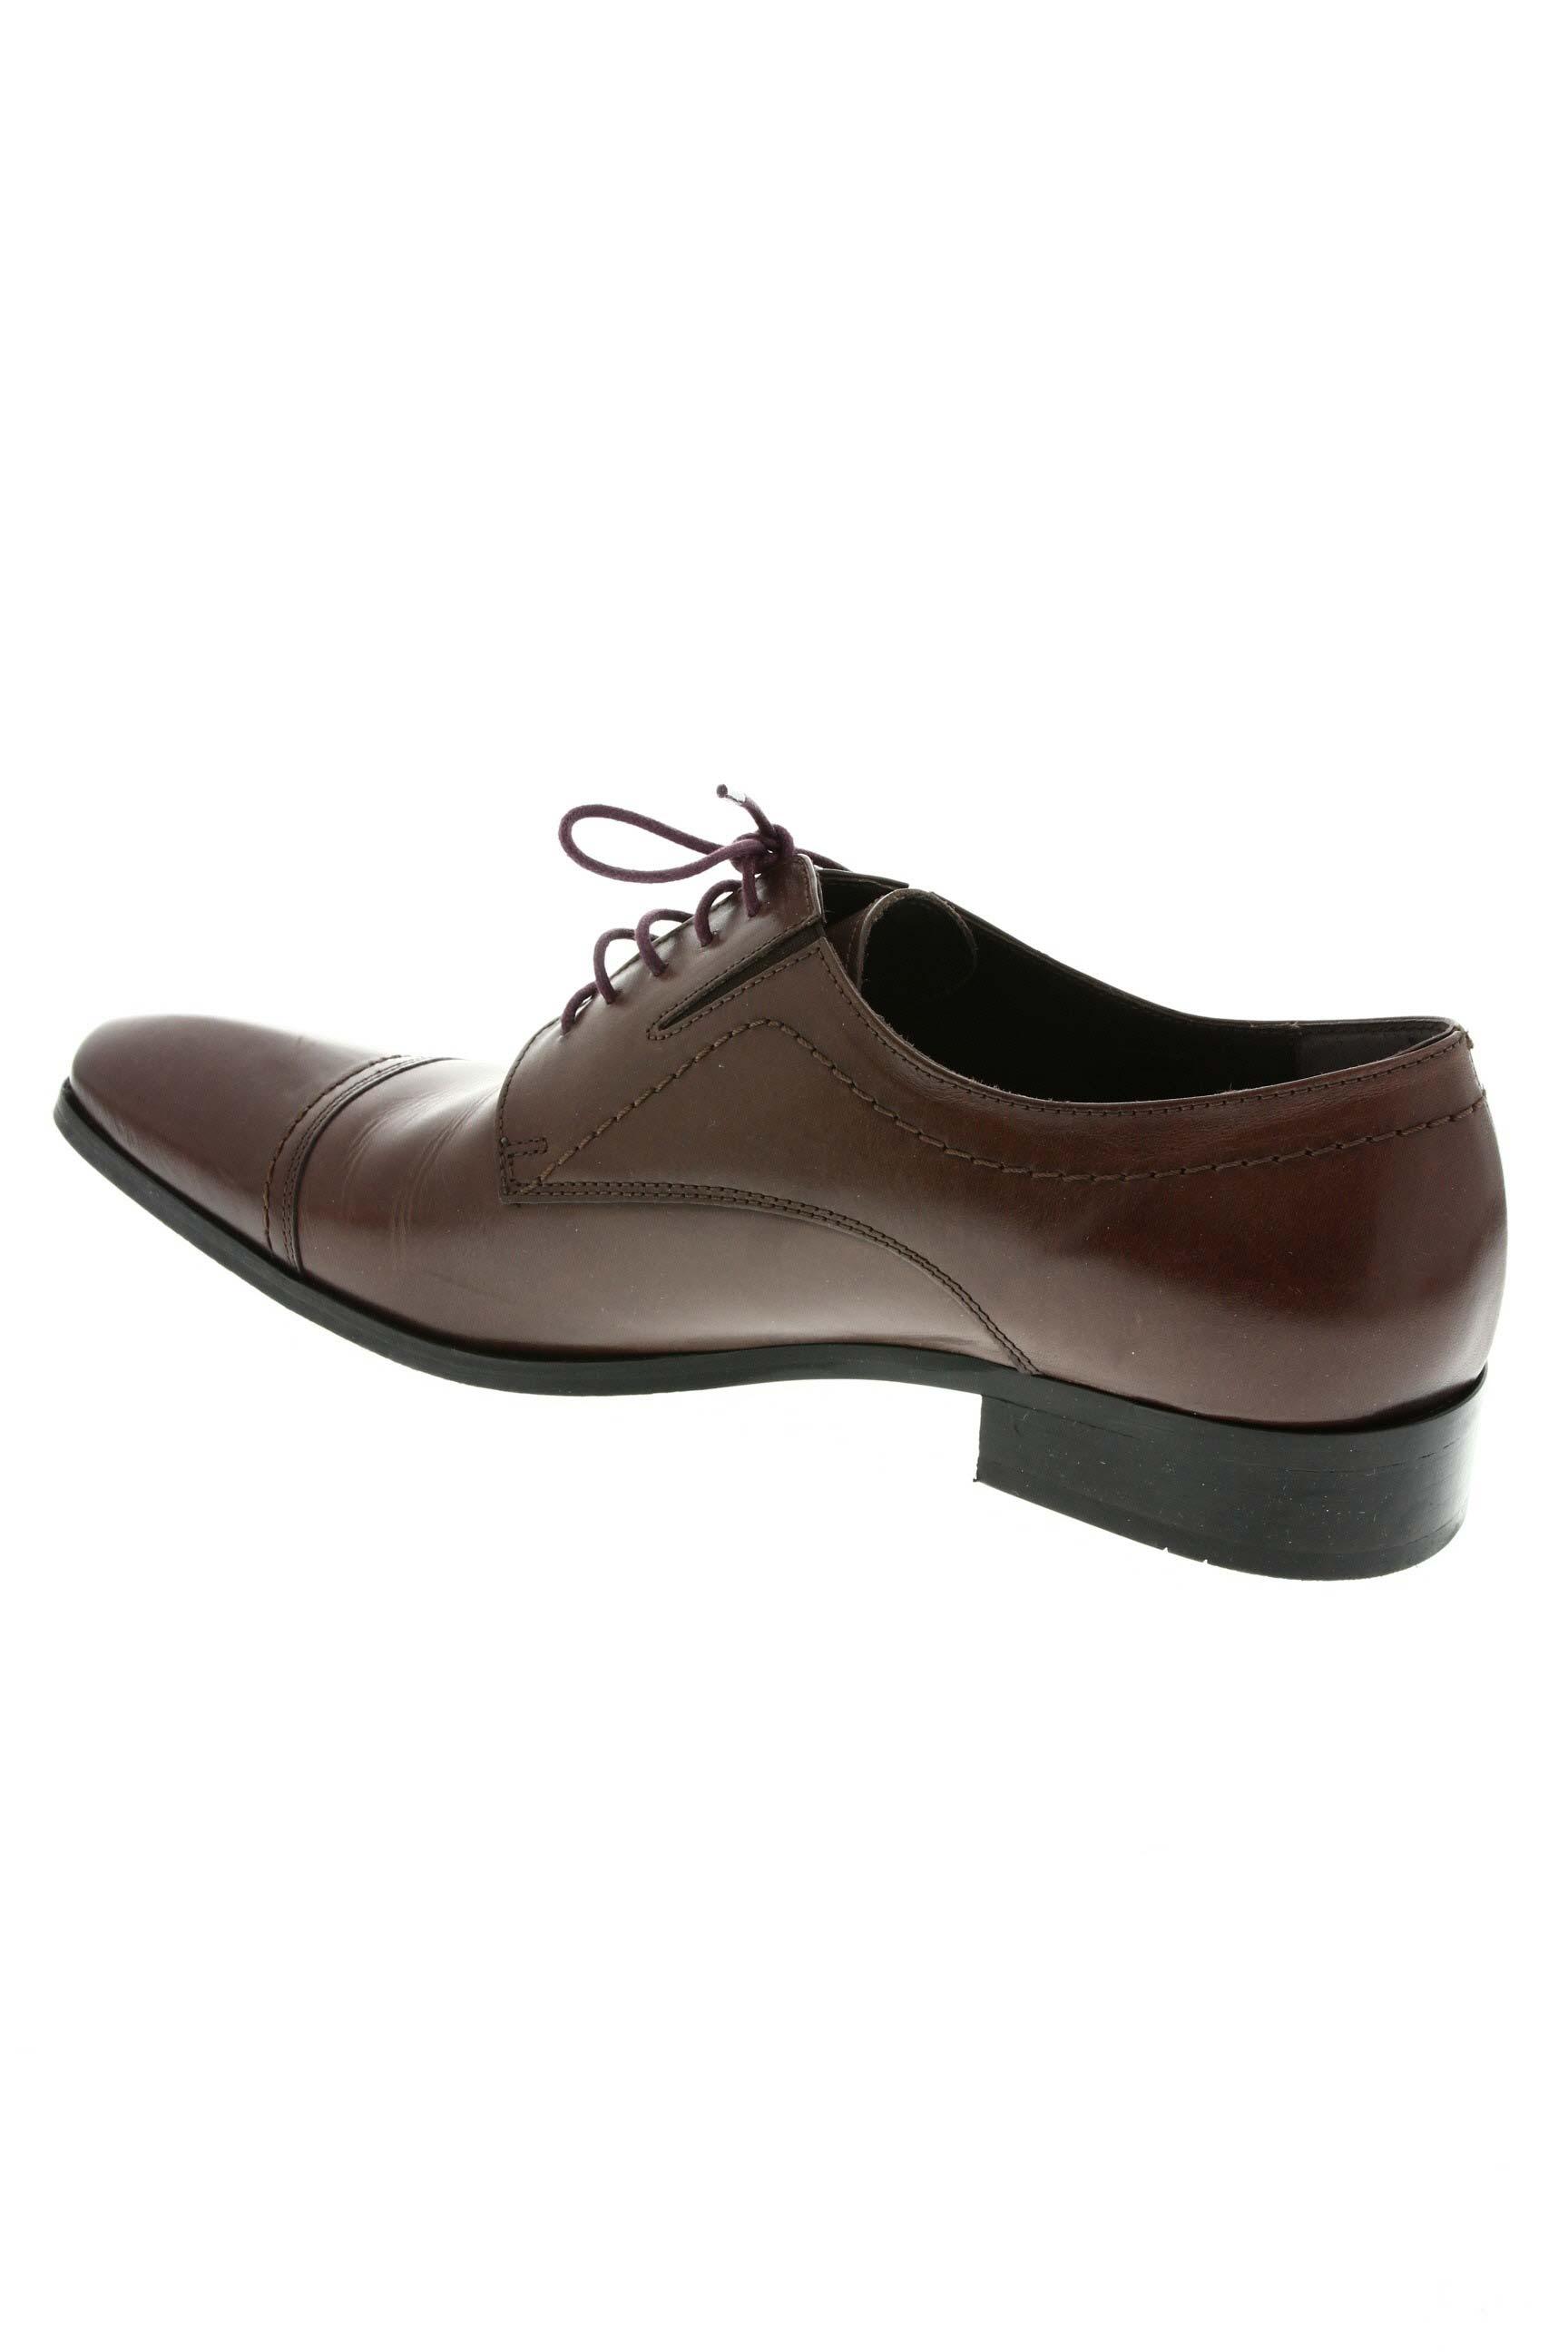 Chaussures derbies homme HEXAGONE marron jV5IyTy8